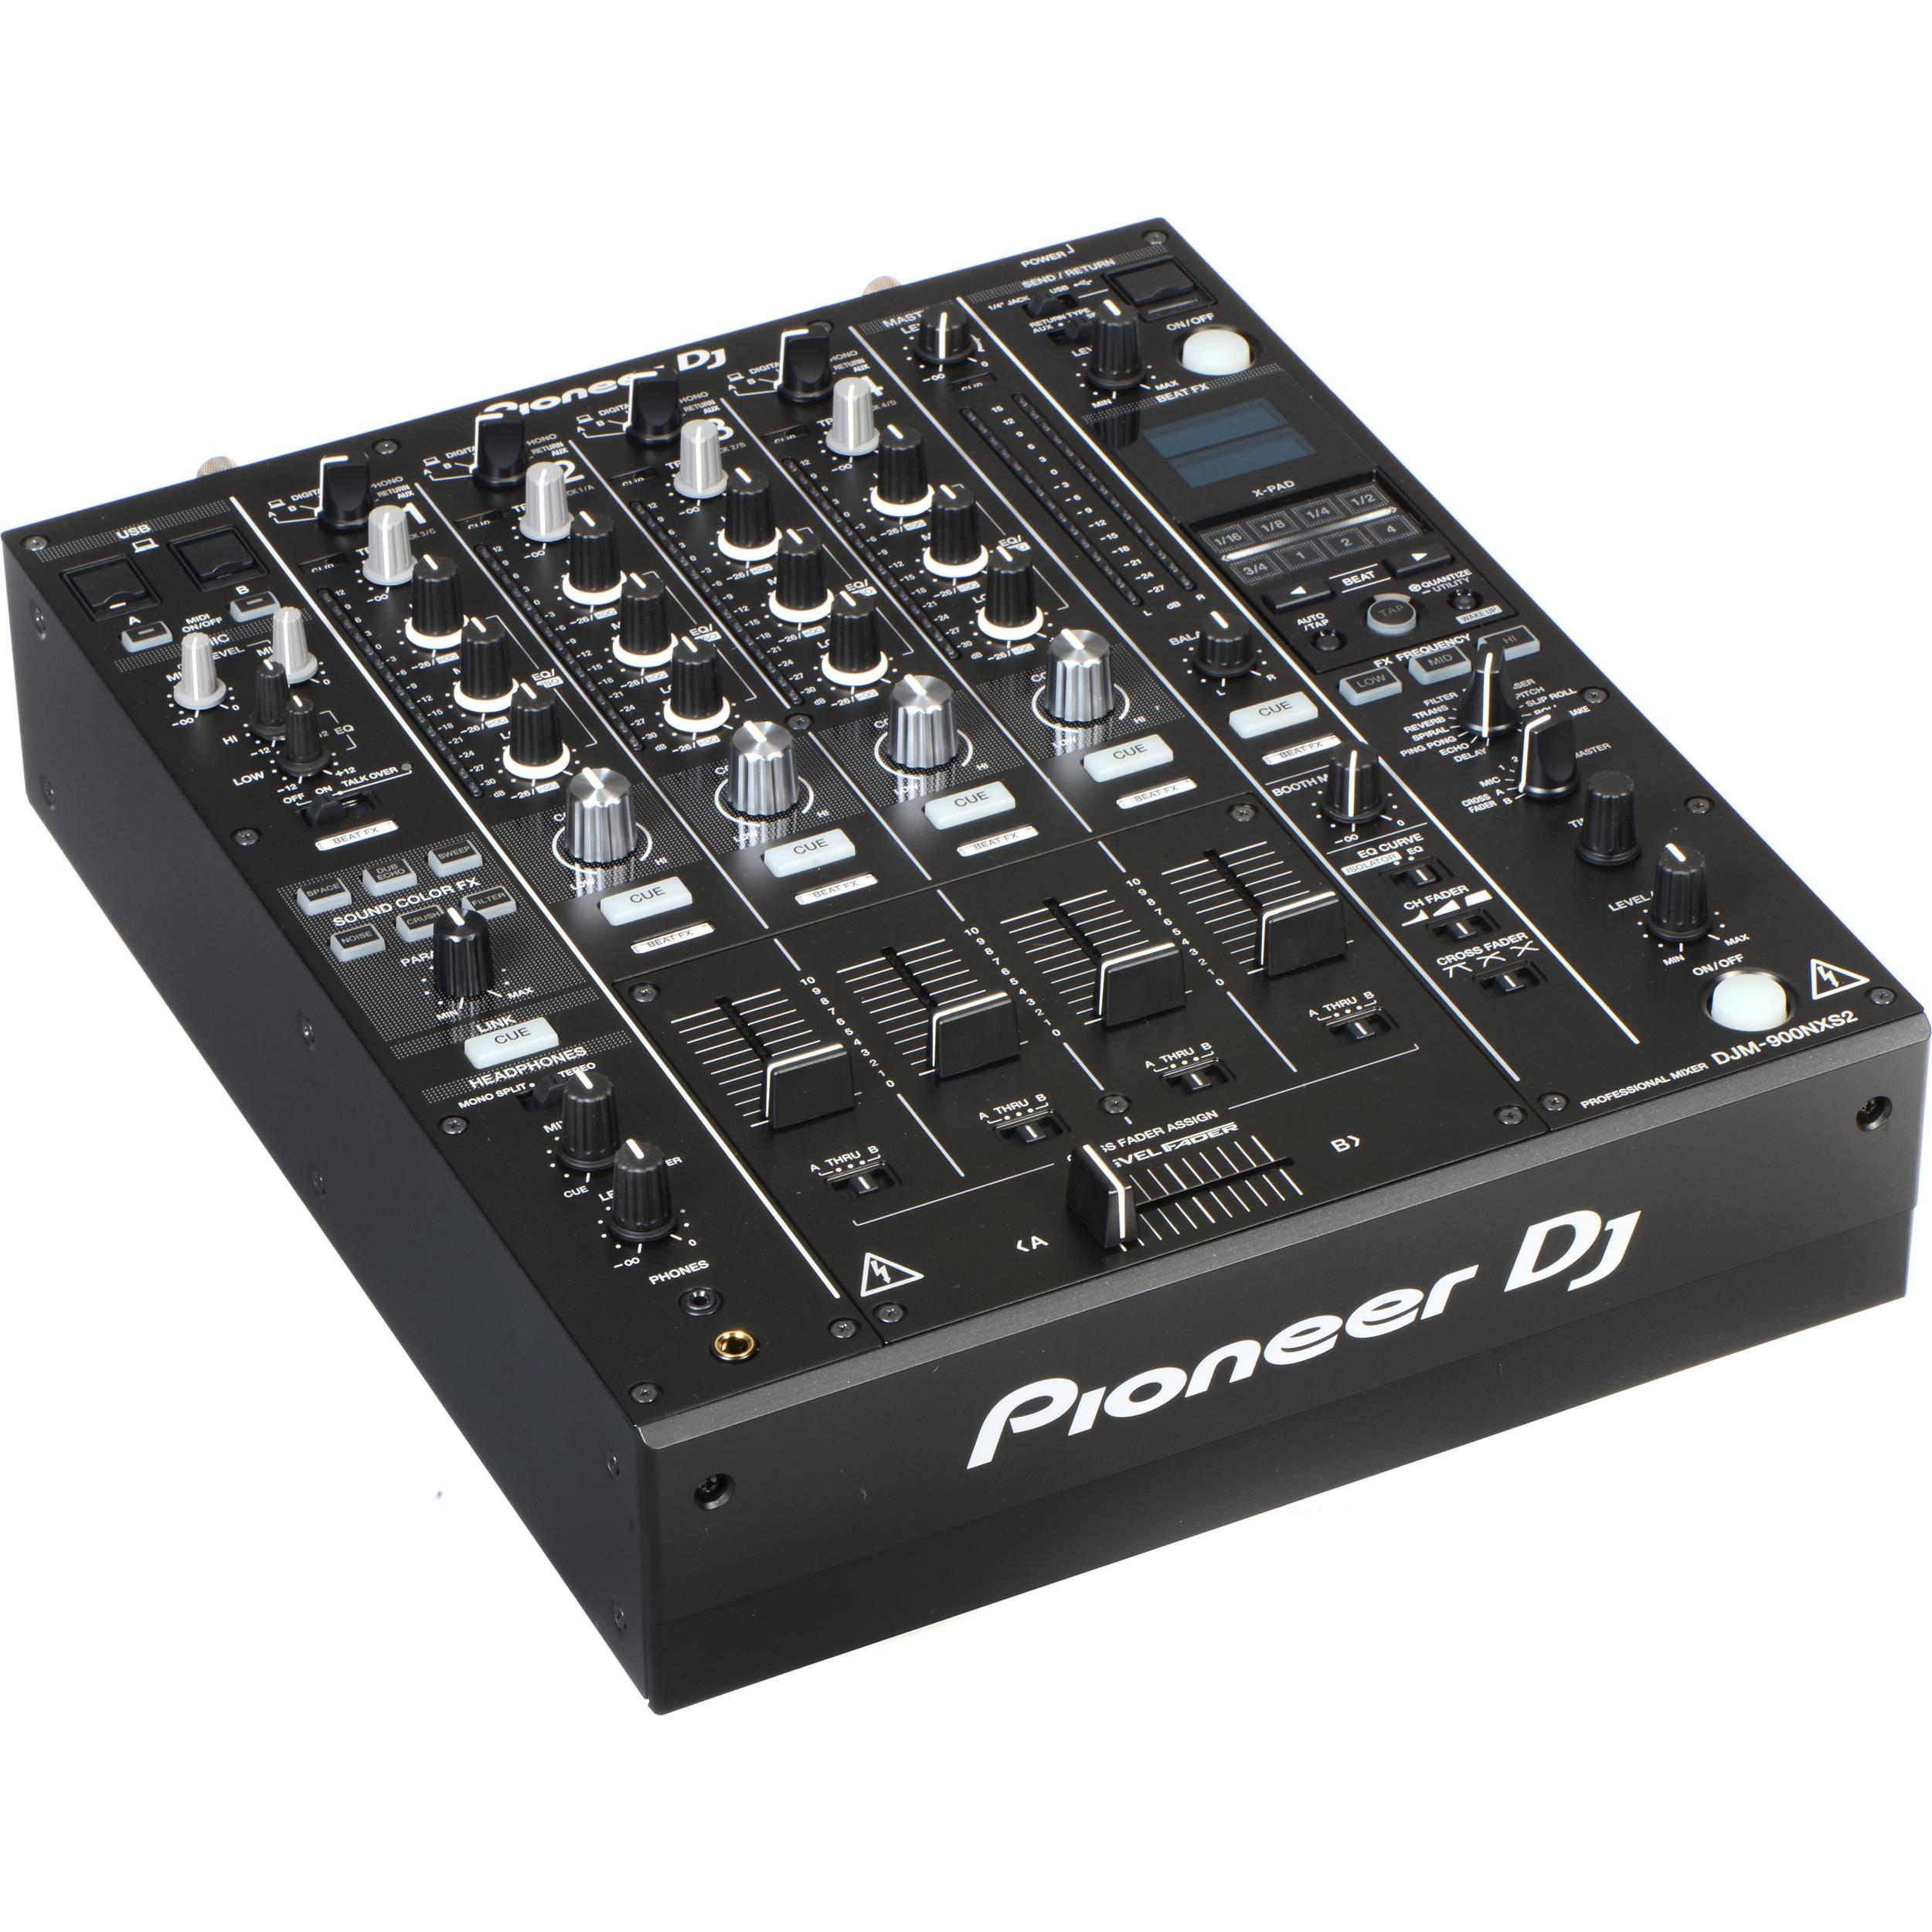 Pioneer DJ DJM-900NXS2 4-Channel Digital Pro-DJ Mixer (Black)